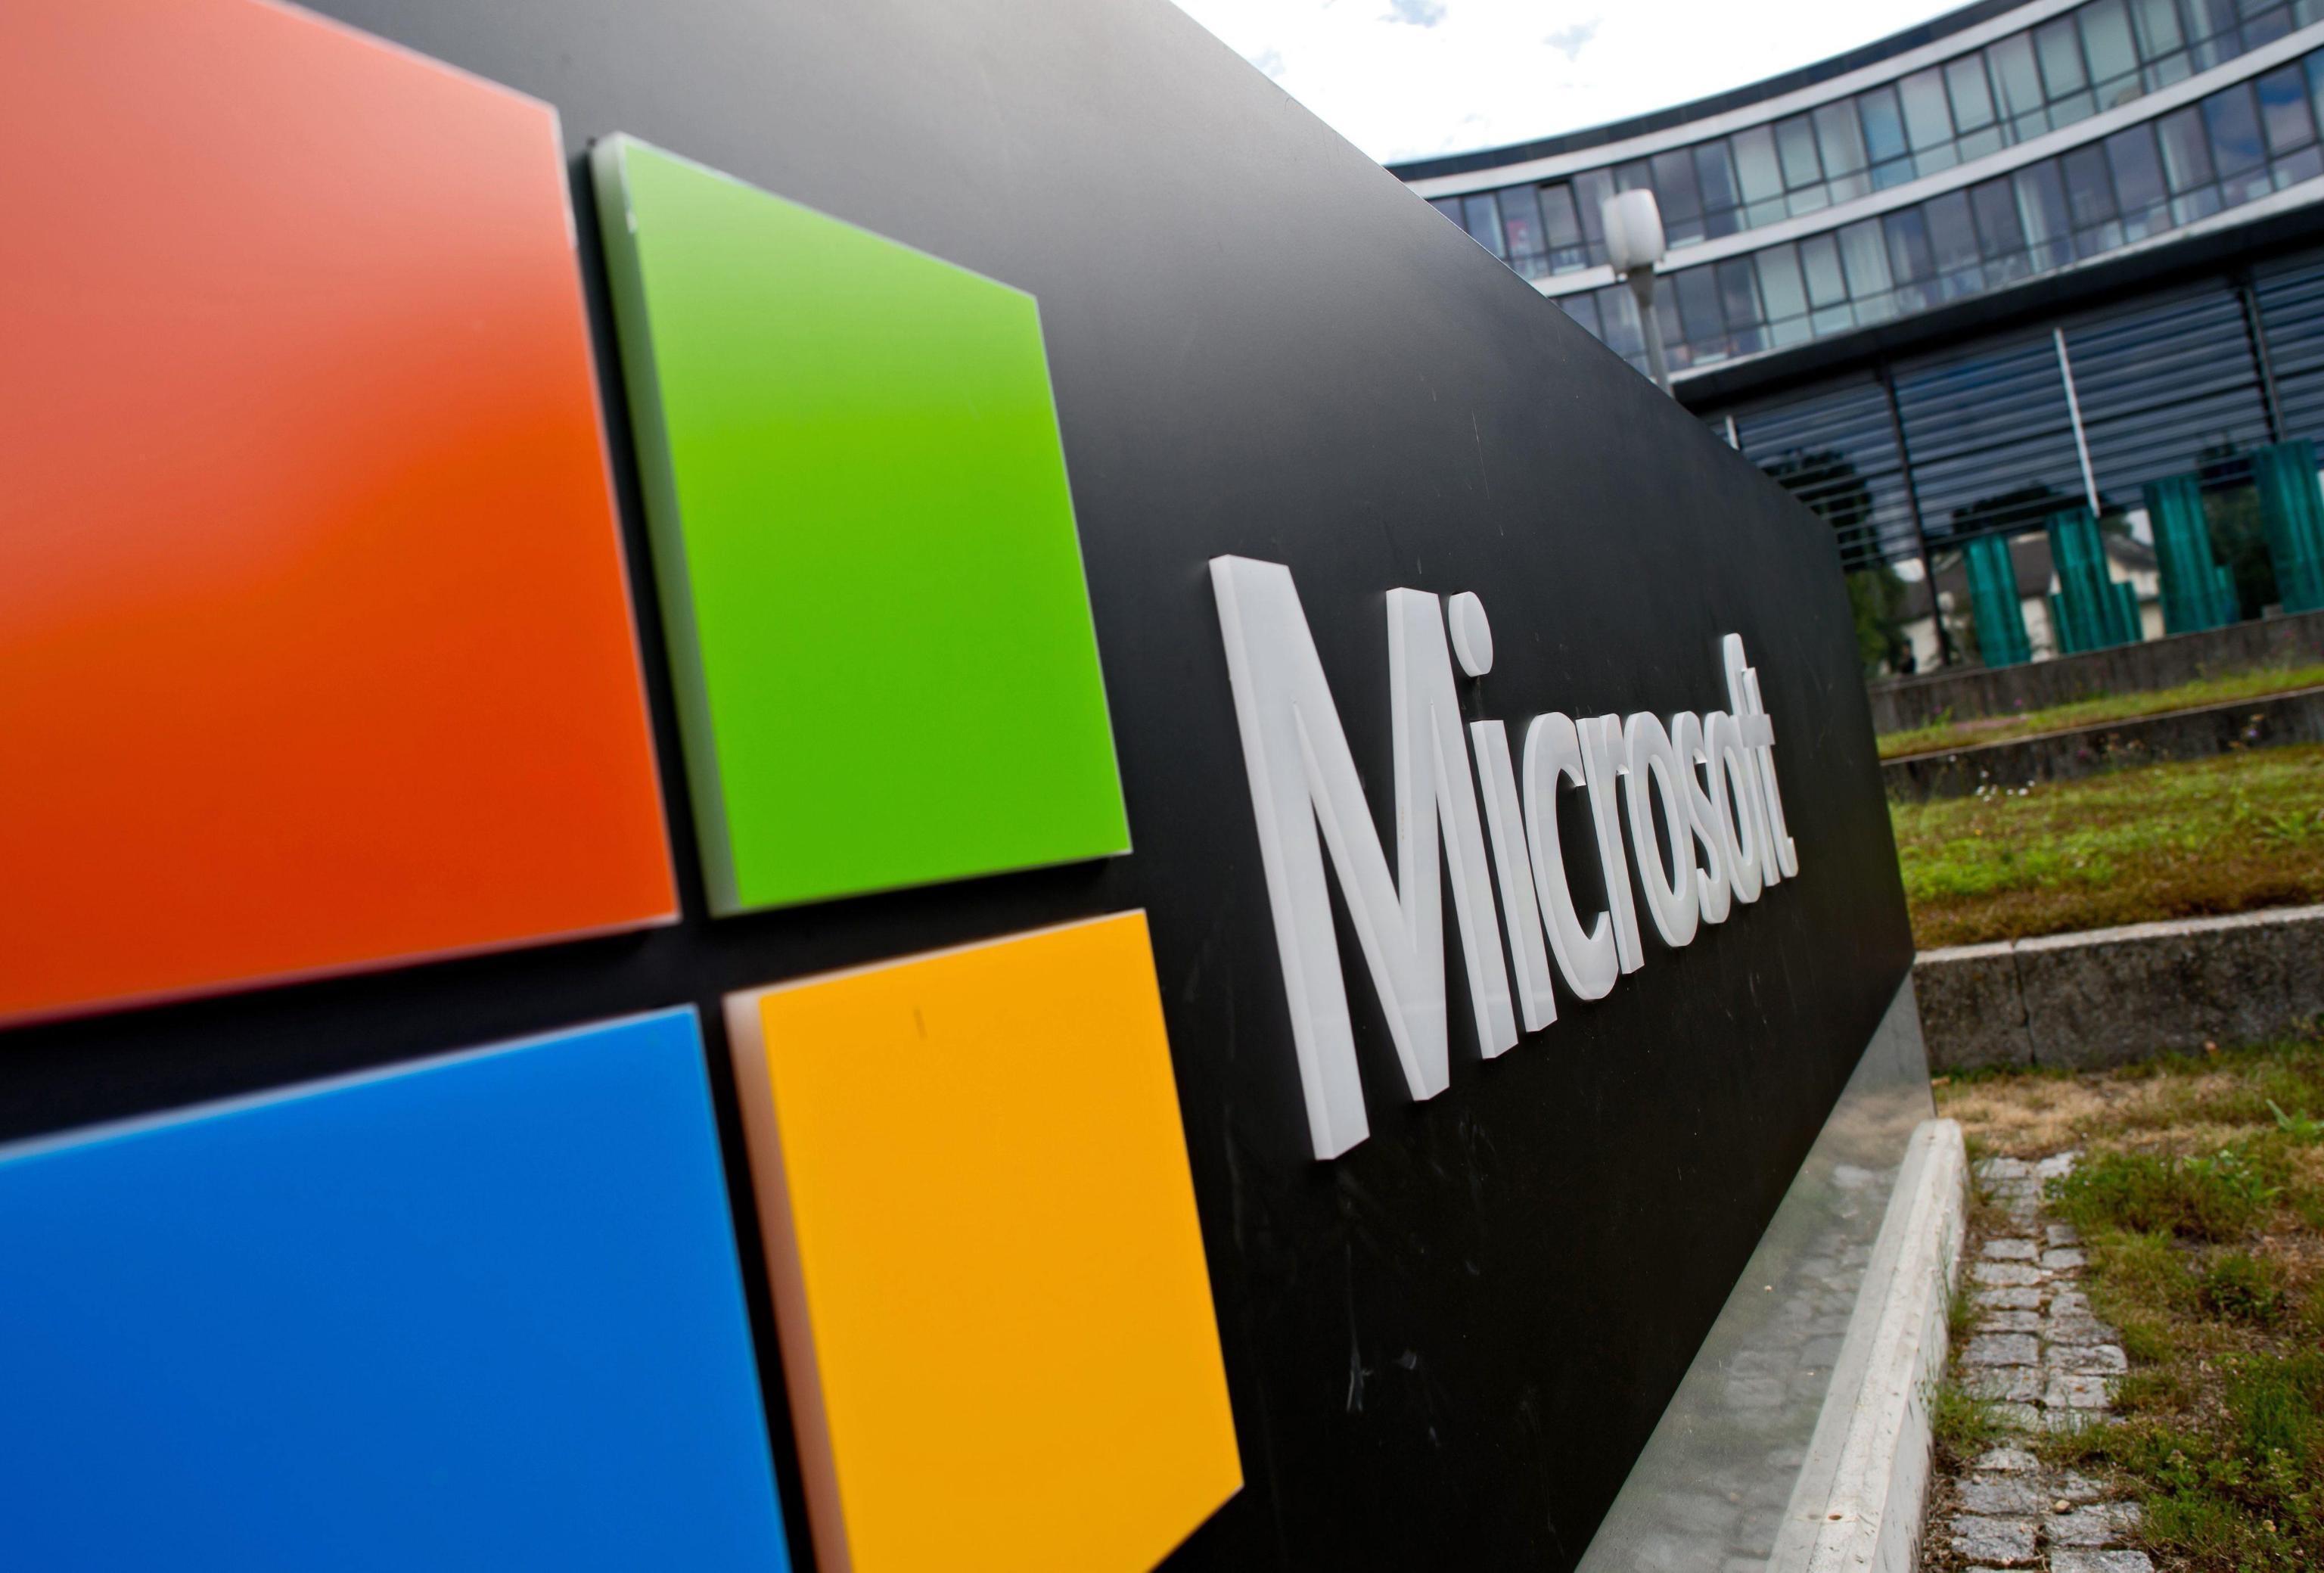 Cambiamento clima, da Microsoft 50 mln